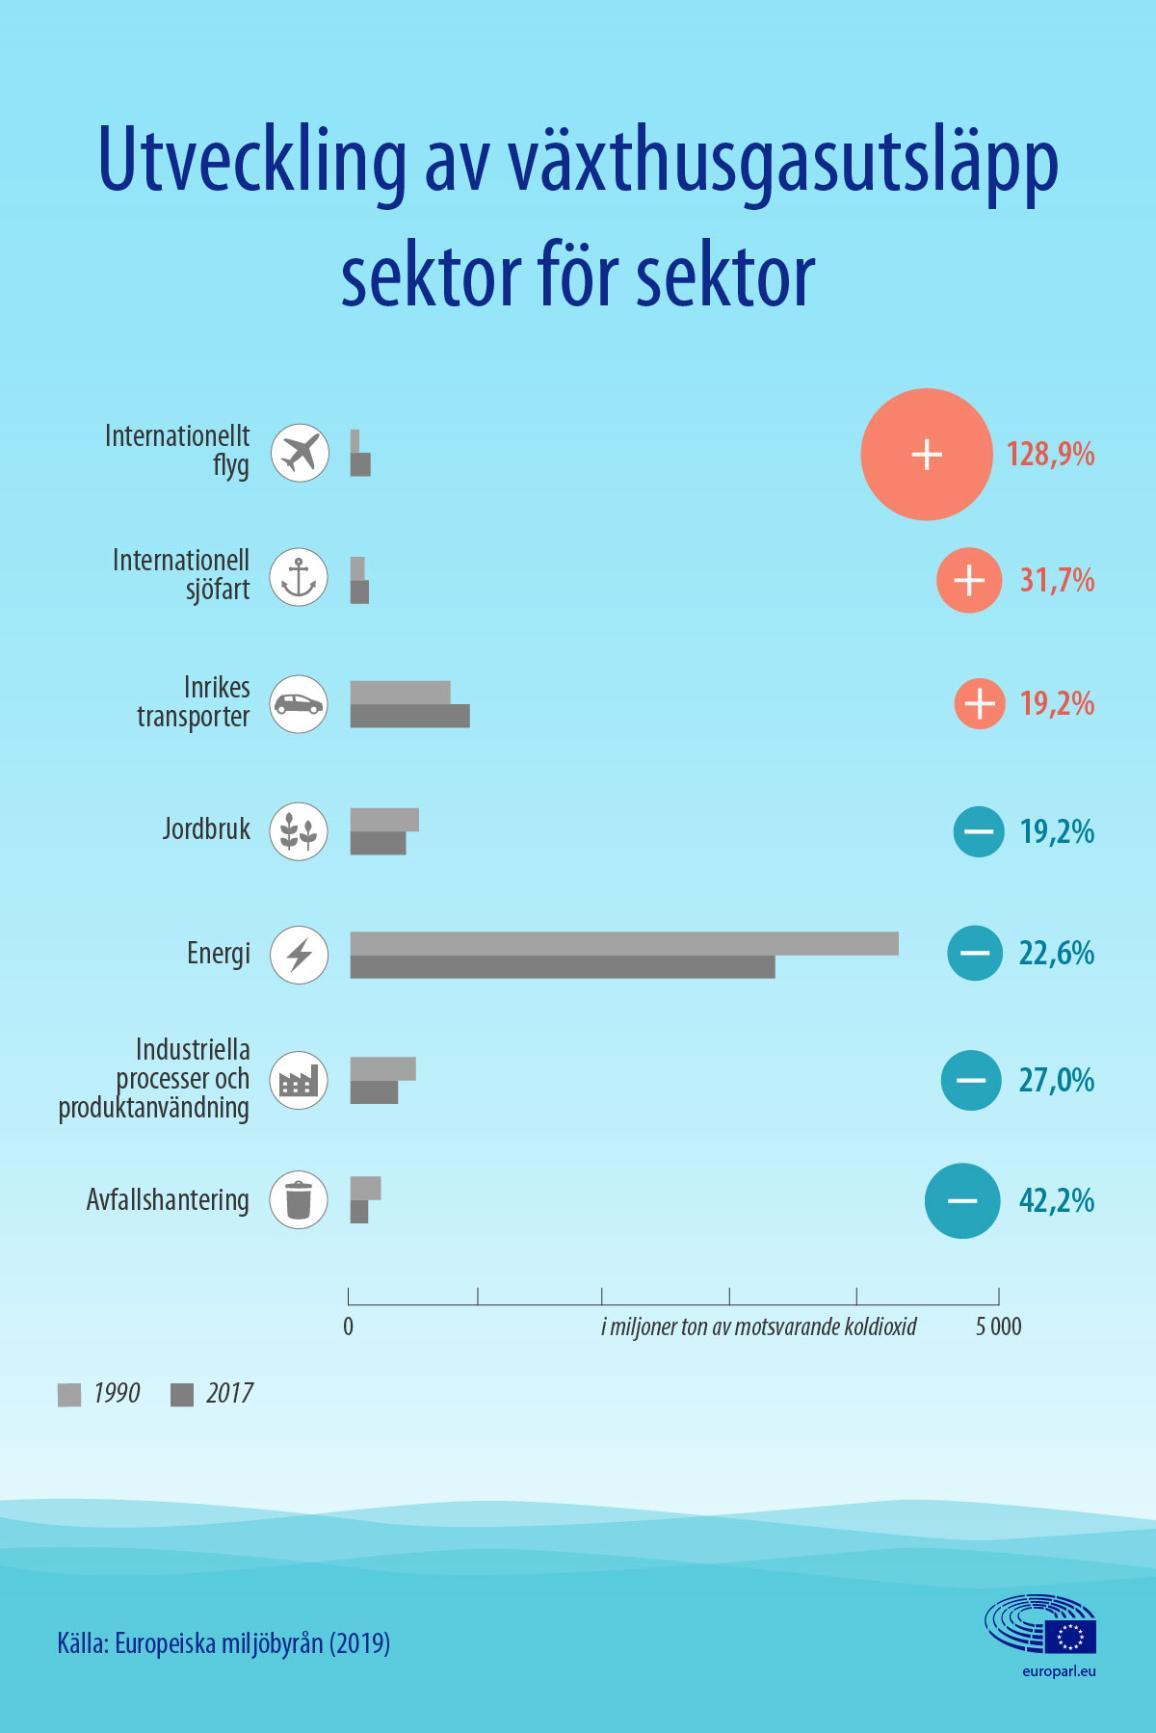 Nyhetsgrafik om utvecklingen av utsläpp av växthusgaser per sektor, inklusive flyg och sjöfart.